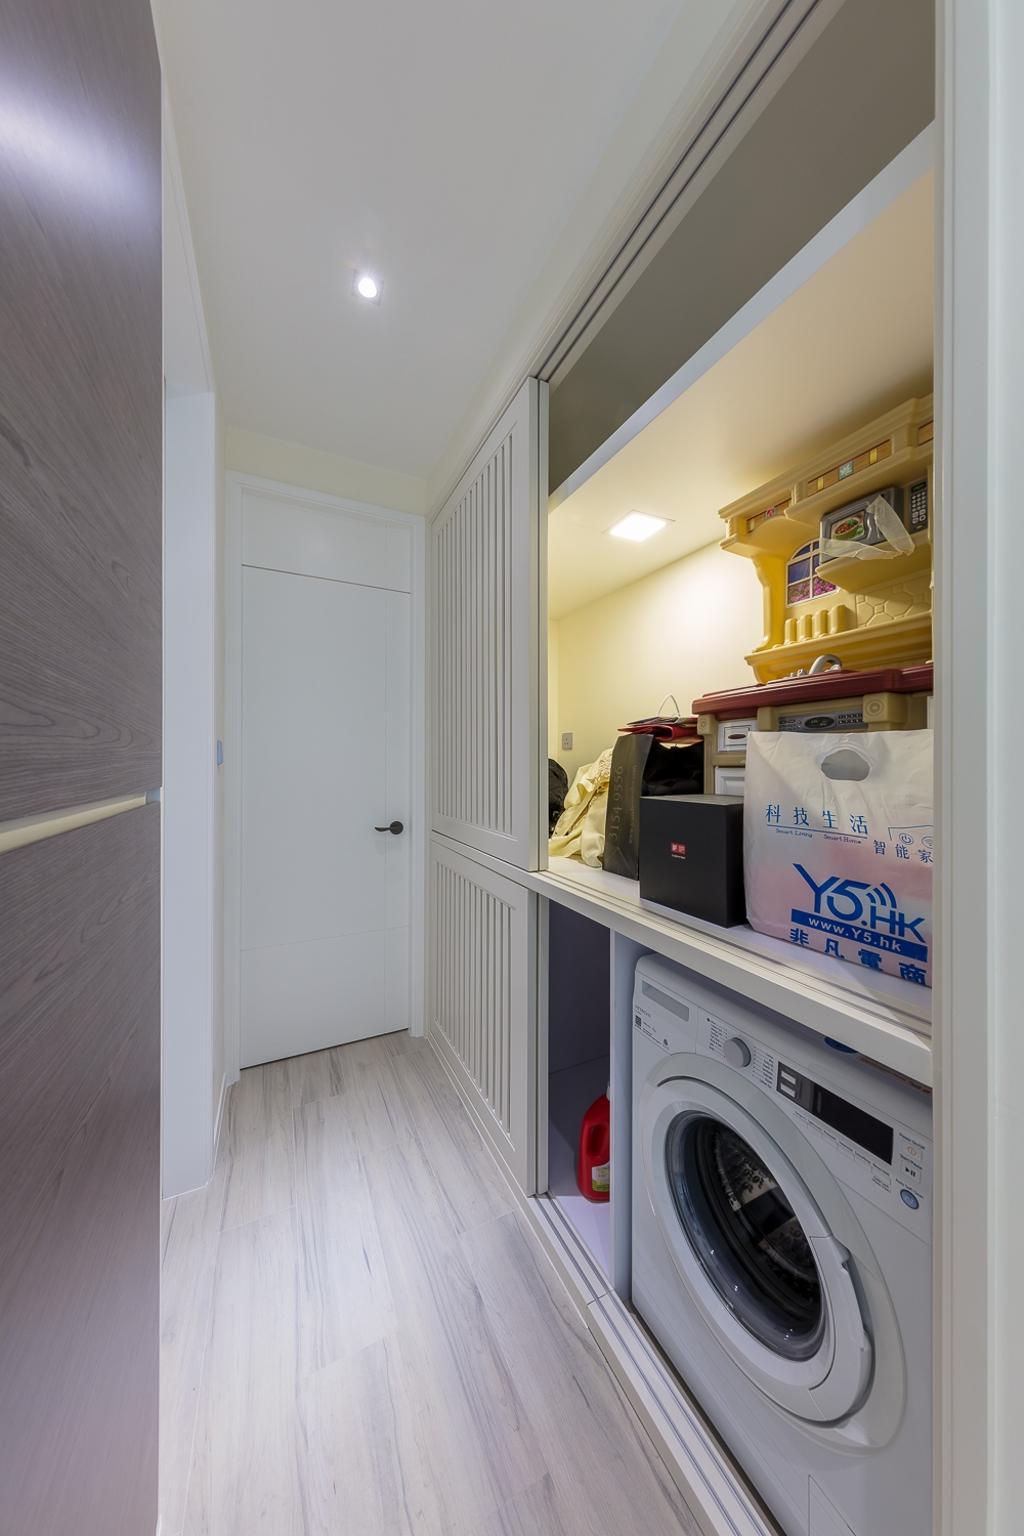 摩登, 私家樓, 廚房, 一號銀海, 室內設計師, 和生設計, Appliance, Electrical Device, Fridge, Refrigerator, Flooring